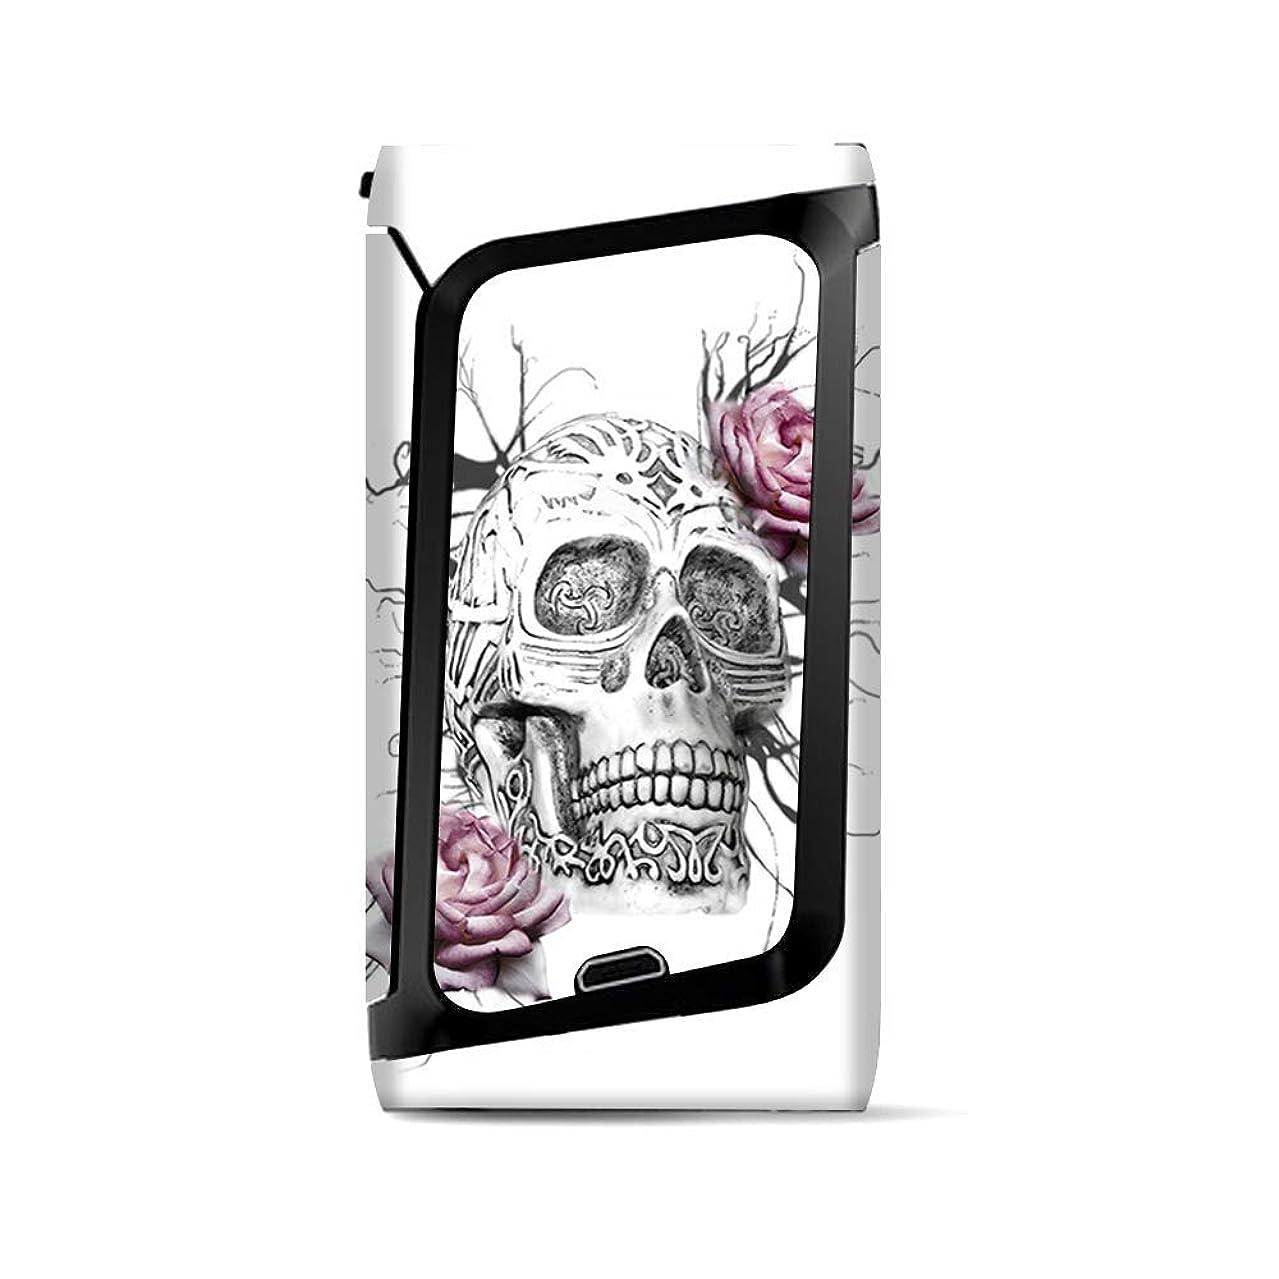 Skin Decal Vinyl Wrap for Smok Morph 219 Kit | Vape Stickers Skins Cover| Roses in Skull